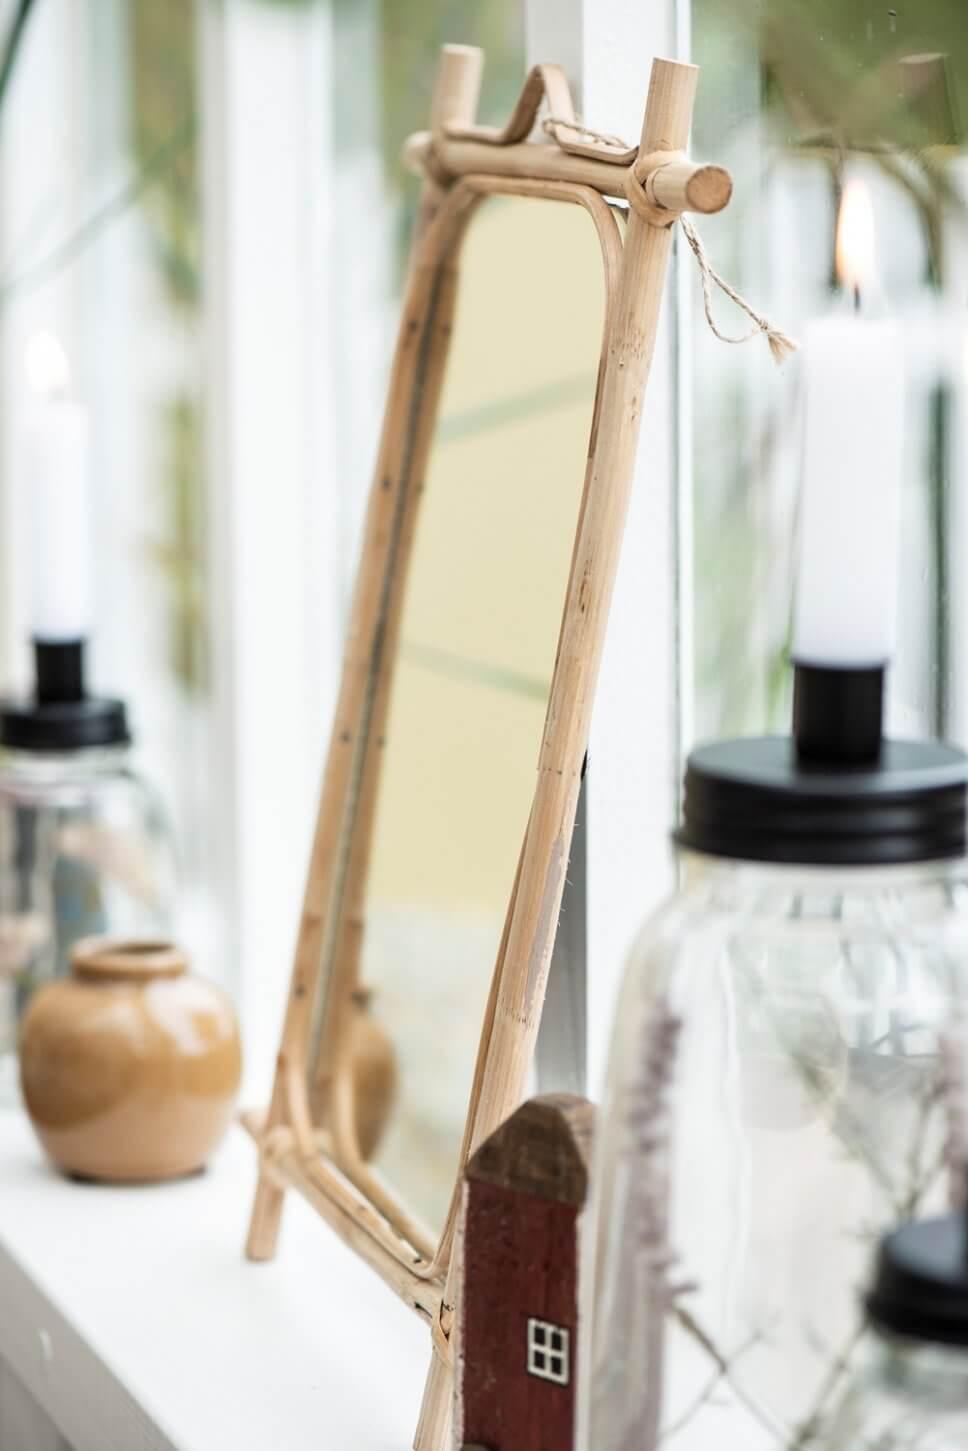 kleiner Bambusspiegel auf einer Fensterbank